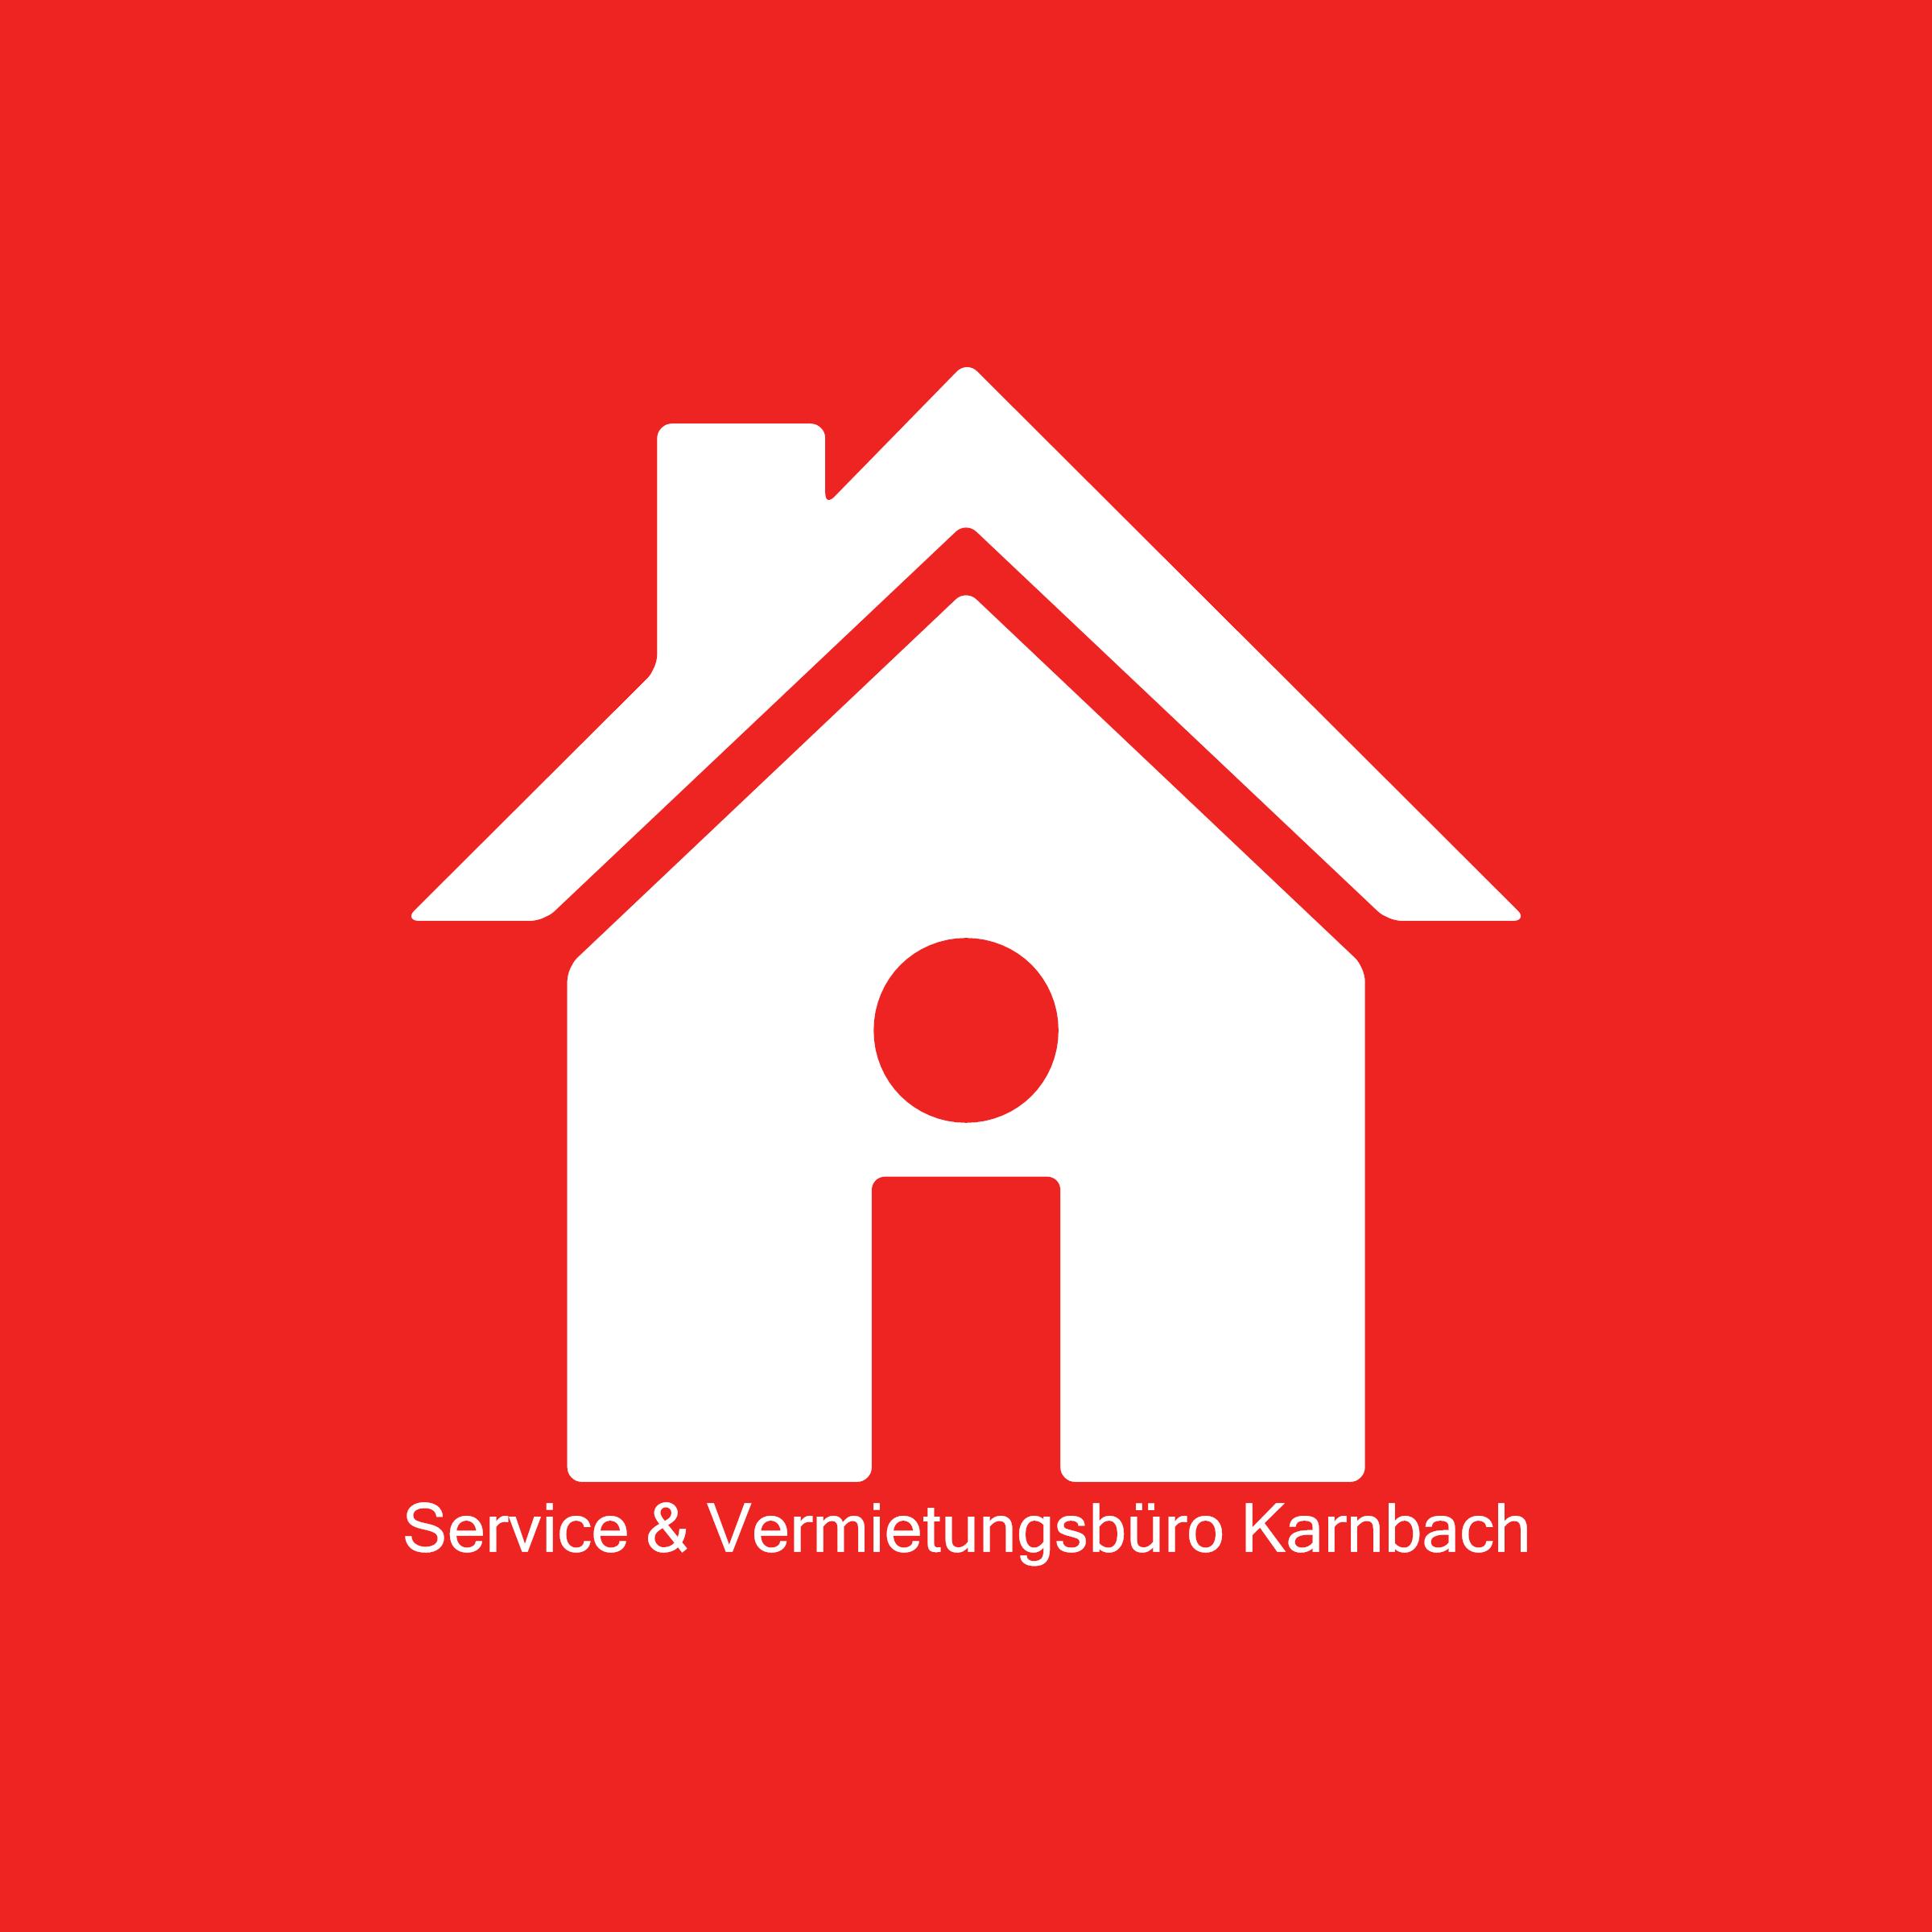 Hier sehen Sie das Logo von Service & Vermietungsbüro Karnbach